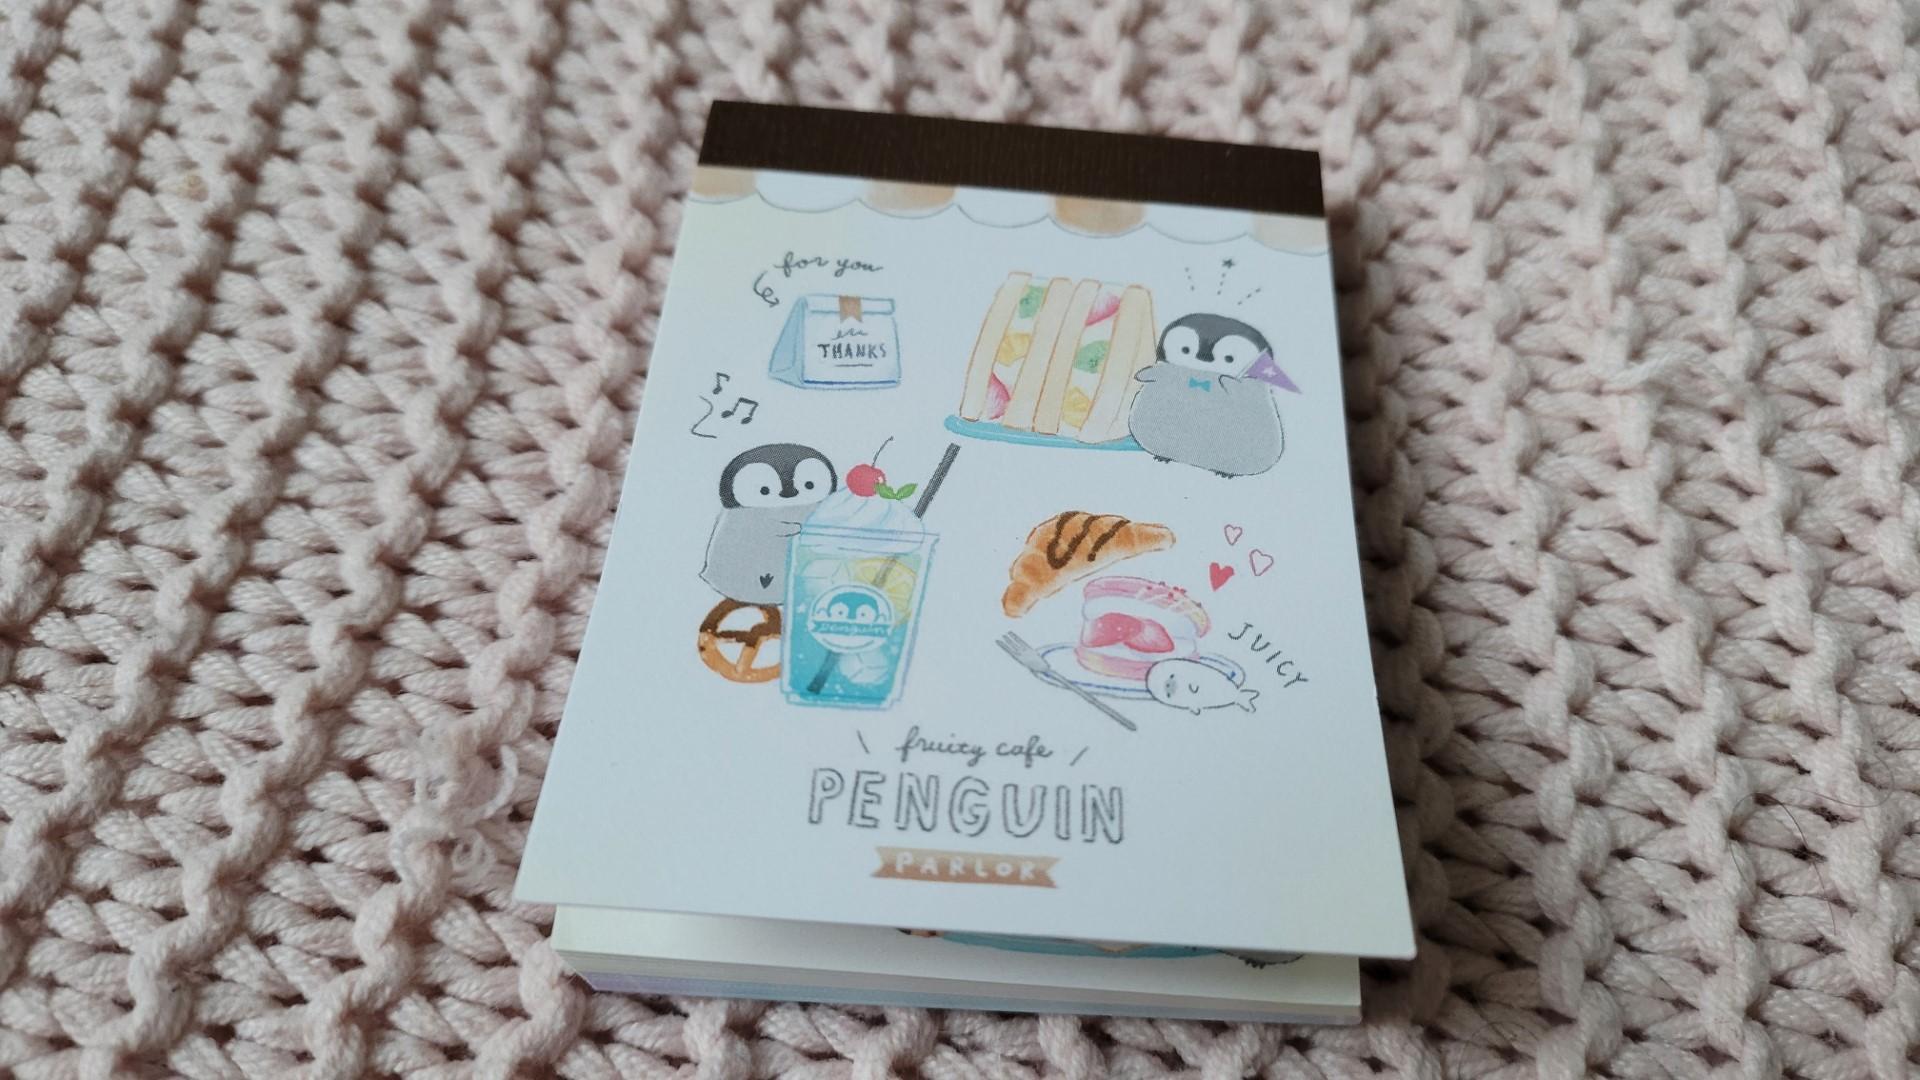 bloc notes pingouins gourmands zenpop pack papeterie decembre joyeuses fetes